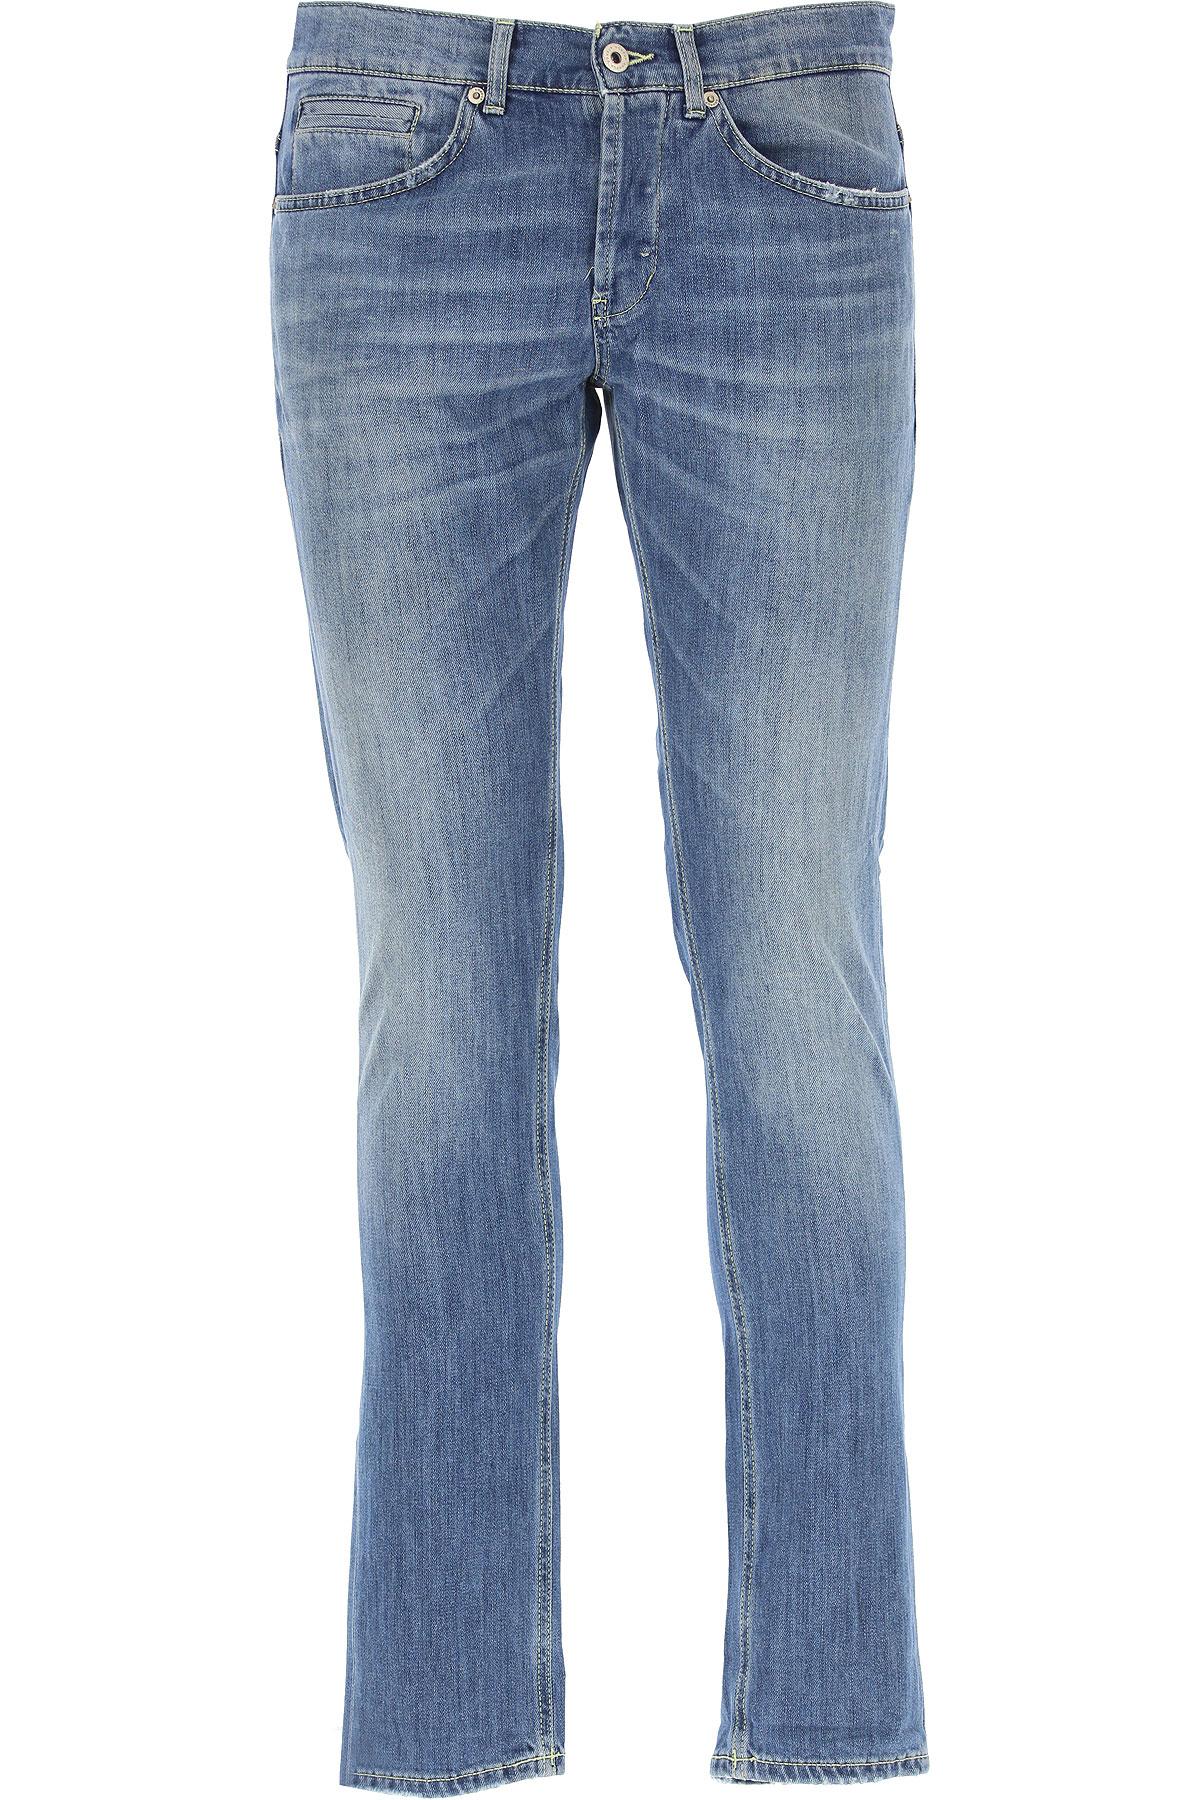 Dondup Jeans On Sale, Denim Blue, Cotton, 2017, 30 31 32 33 34 35 36 38